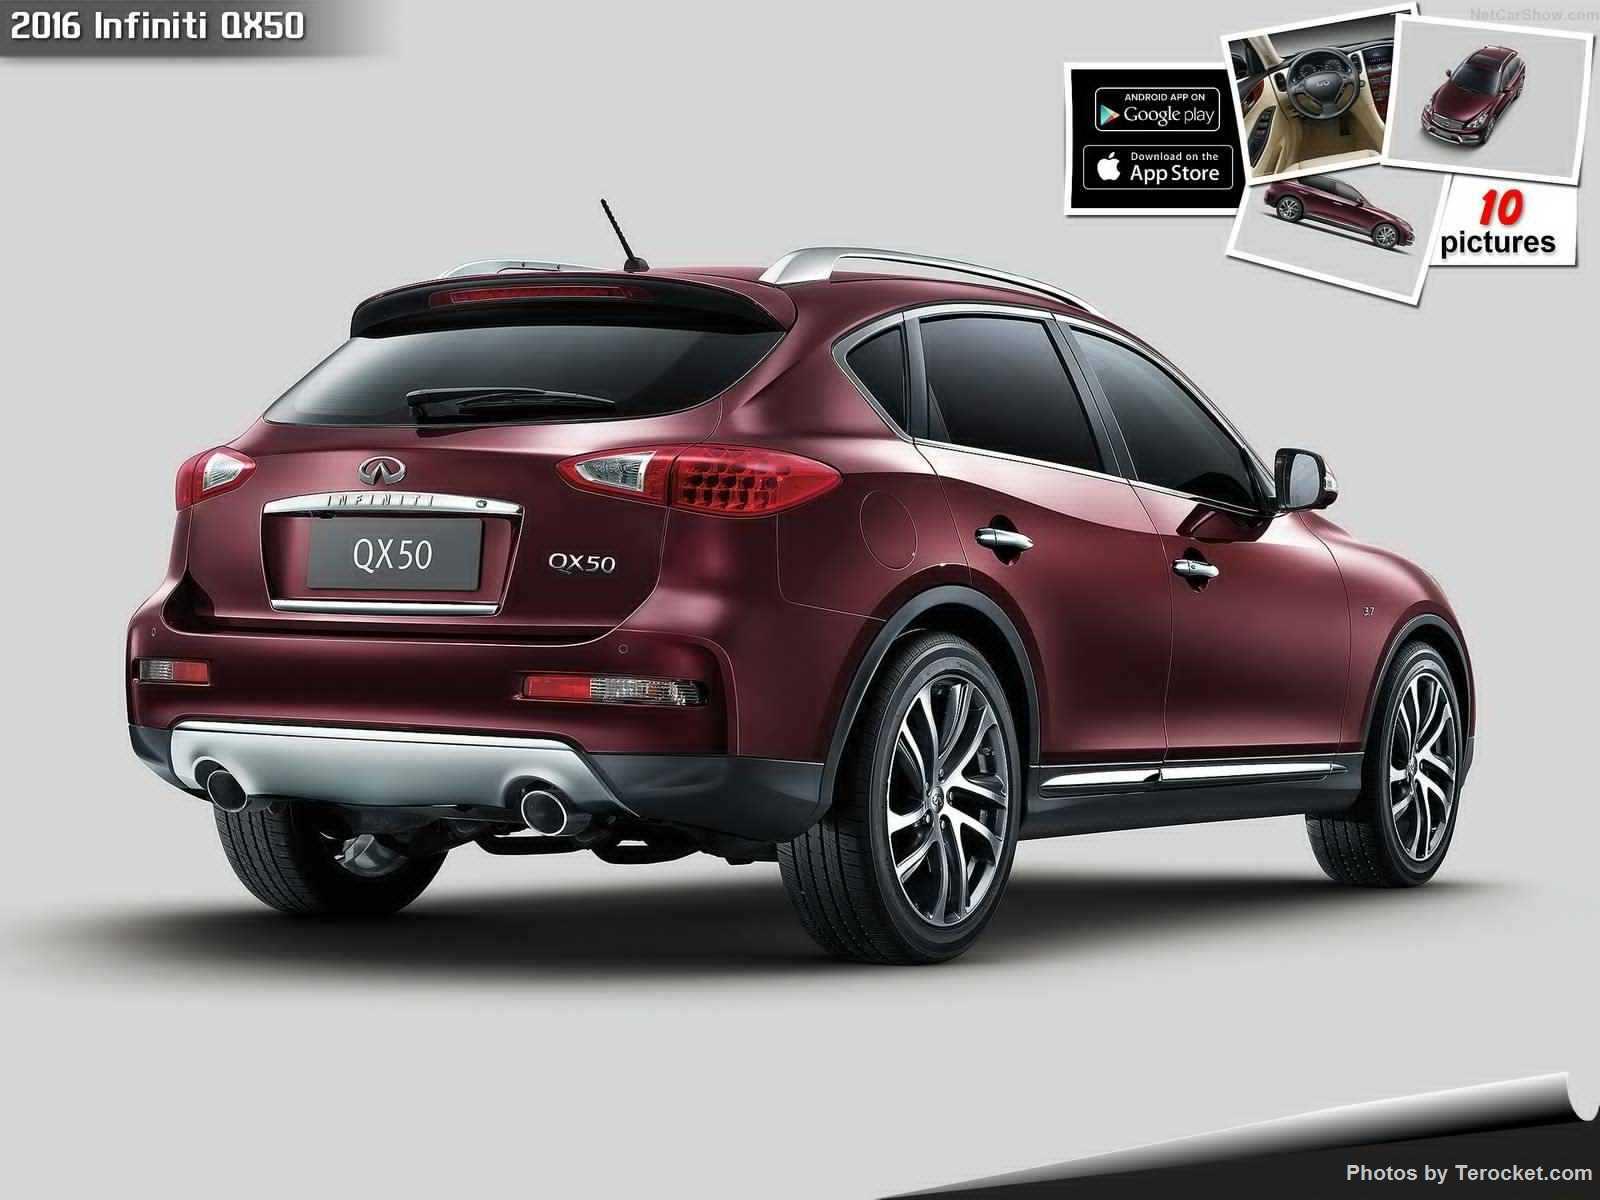 Hình ảnh xe ô tô Infiniti QX50 2016 & nội ngoại thất